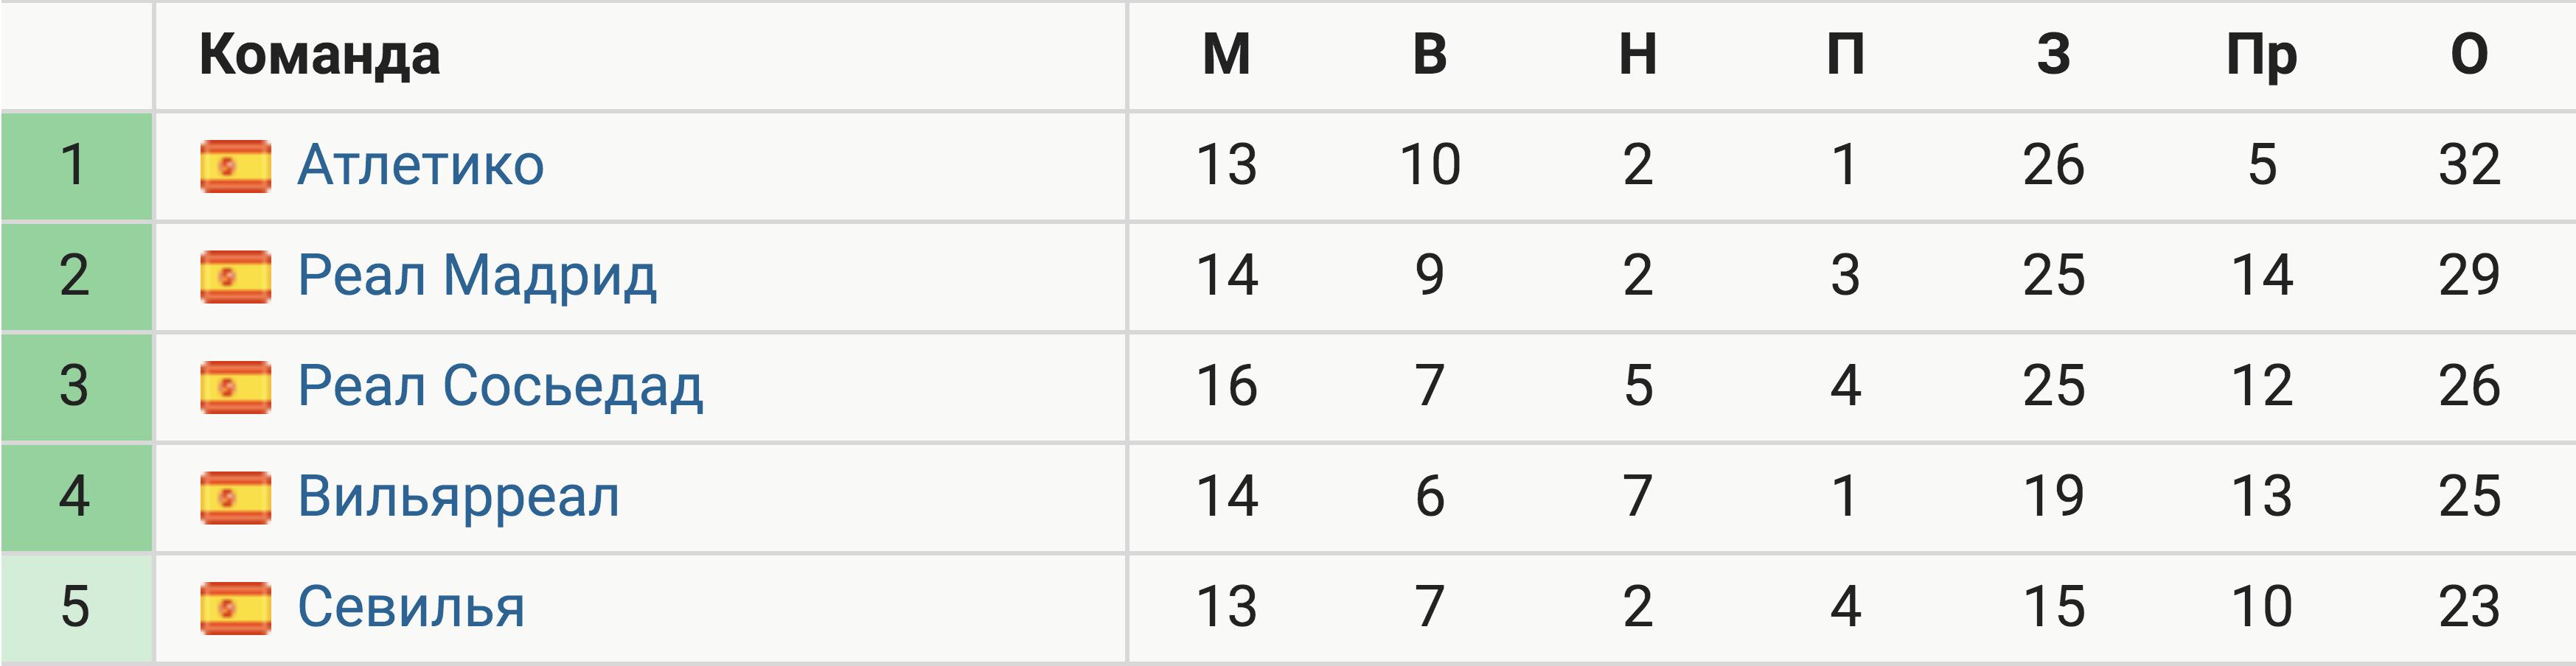 Атлетико лидирует в Ла Лиге на Рождество впервые за 25 лет. Тогда мадридцы стали чемпионами с Симеоне в составе